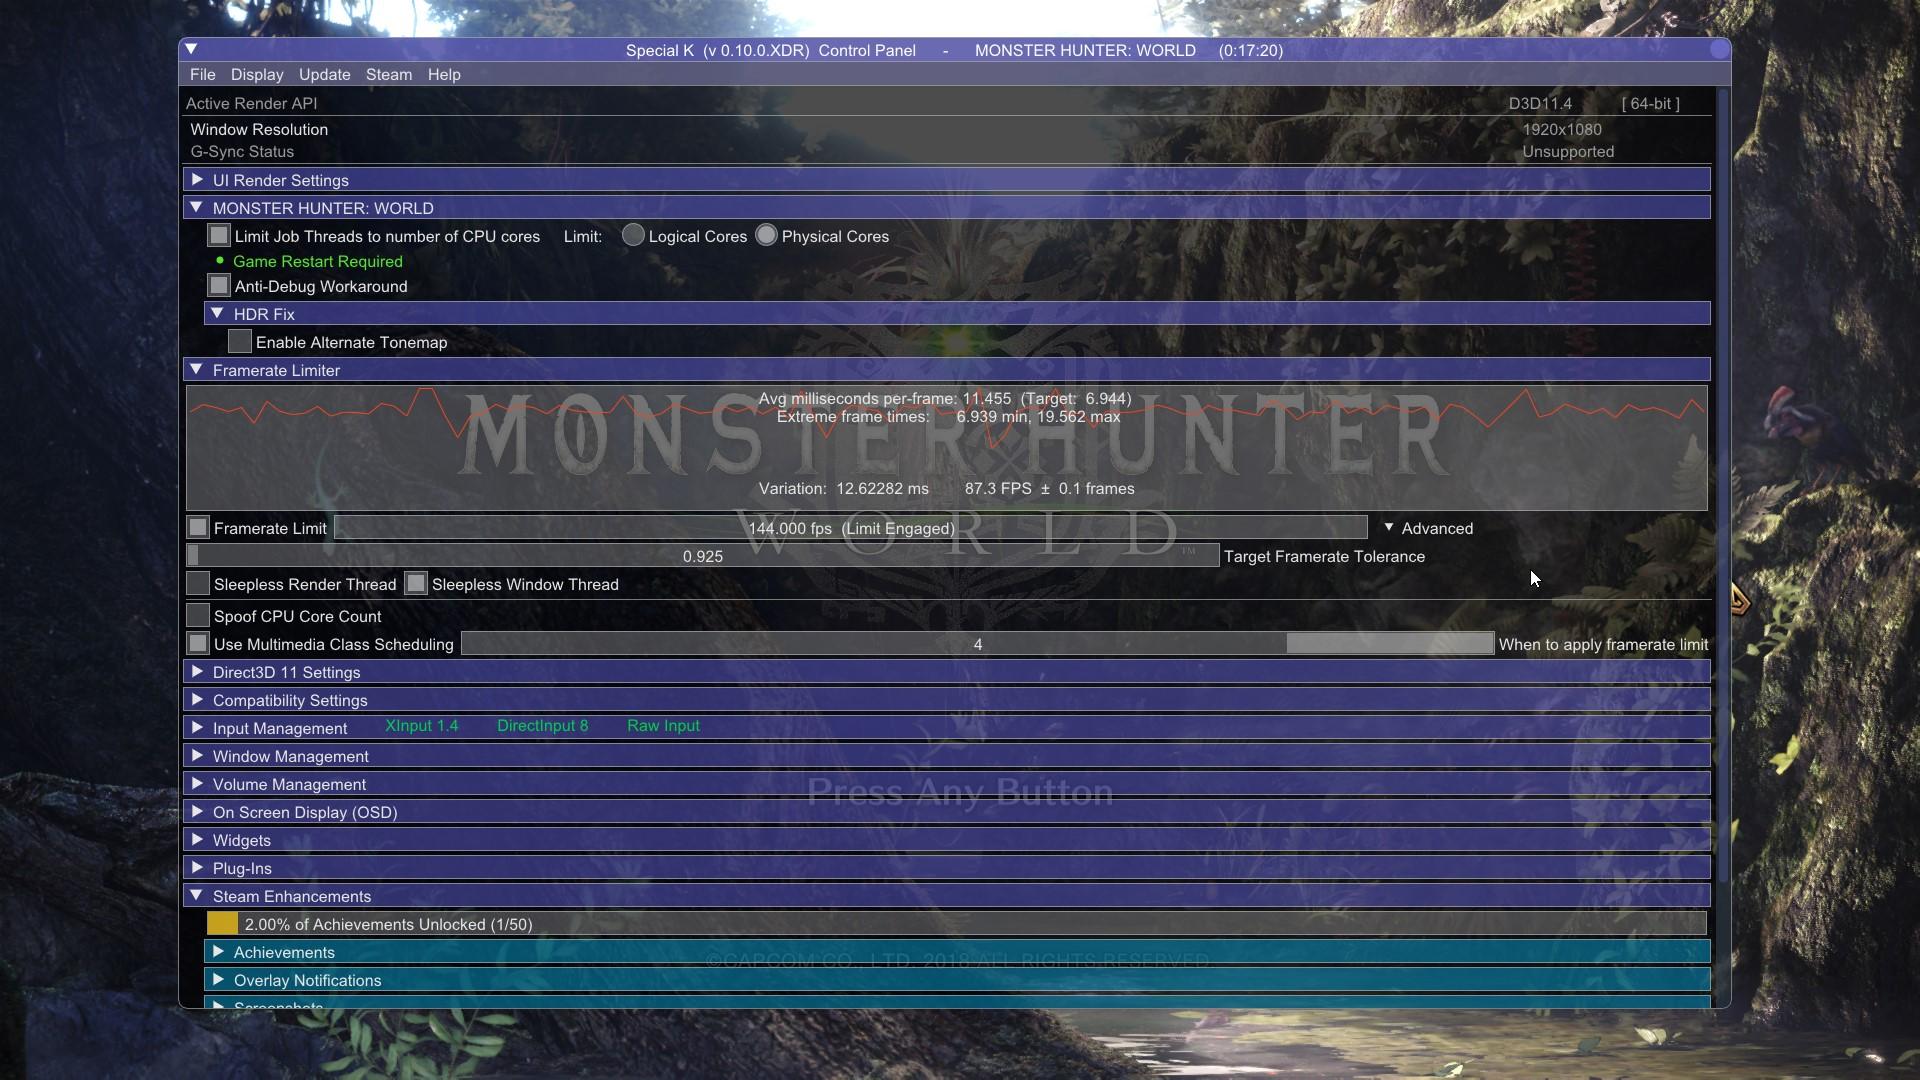 MONSTER HUNTER: WORLD(MHW)】CPU使用率軽減などを図る最適化